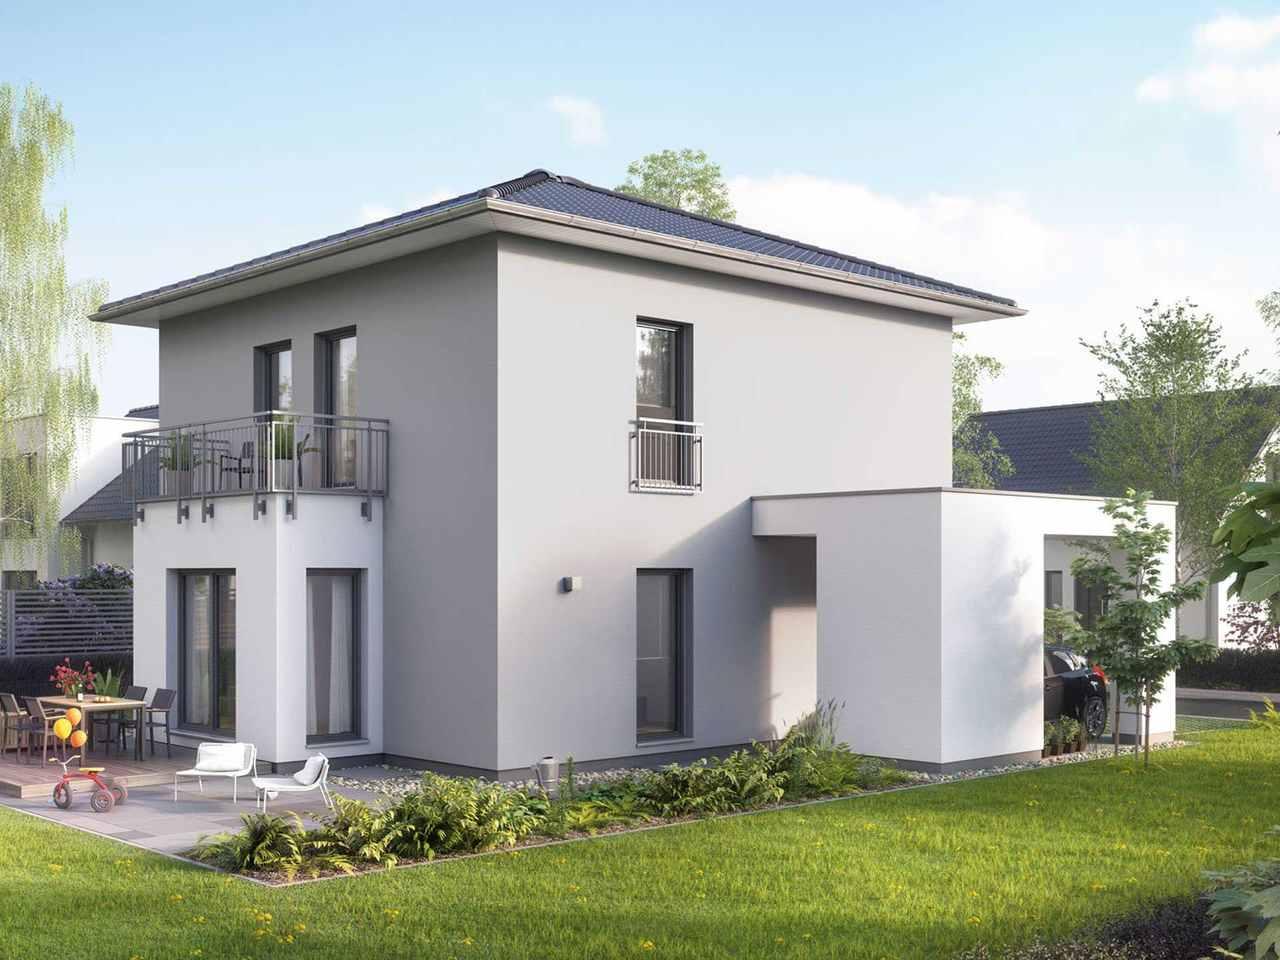 Stadtvilla ModernStyle 134 W Gartenansicht